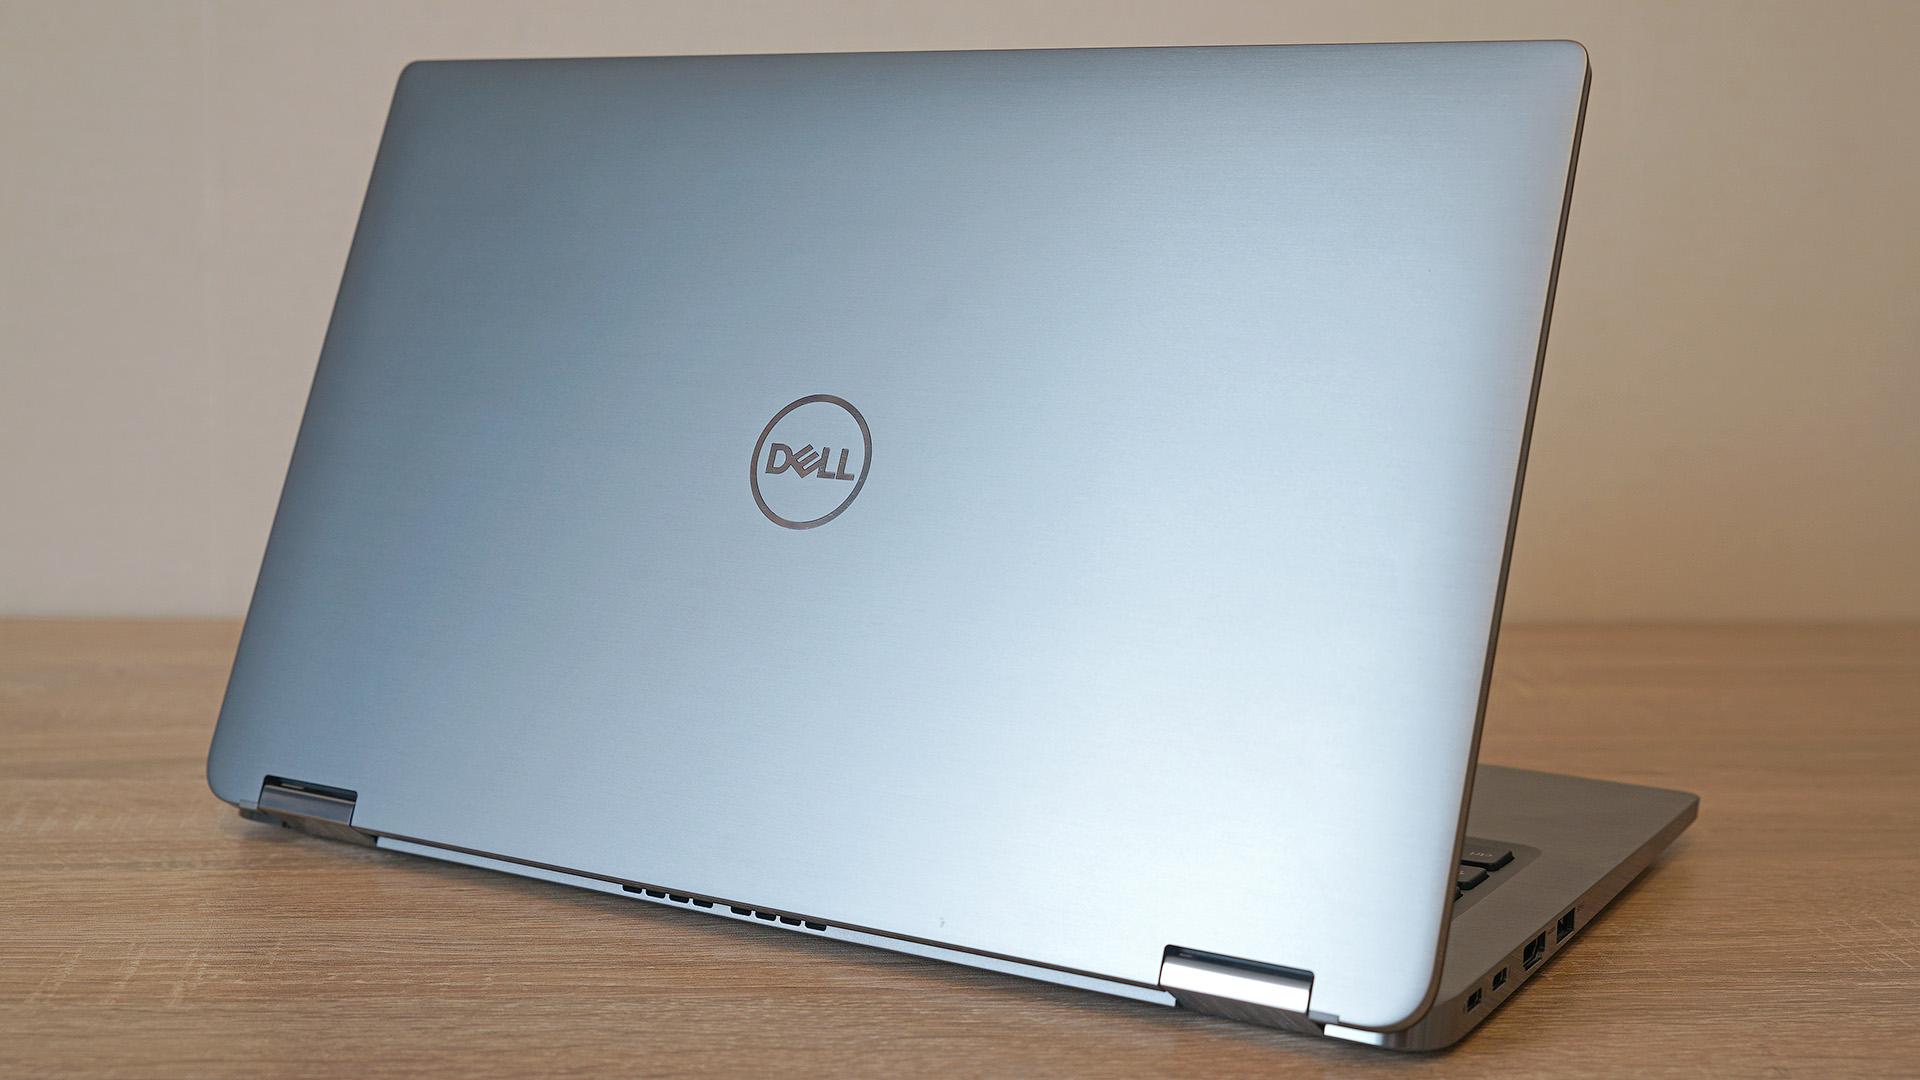 Dell Latitude 7400 2-in-1: красивый и лёгкий корпоративный ноутбук-трансформер с металлическим корпусом